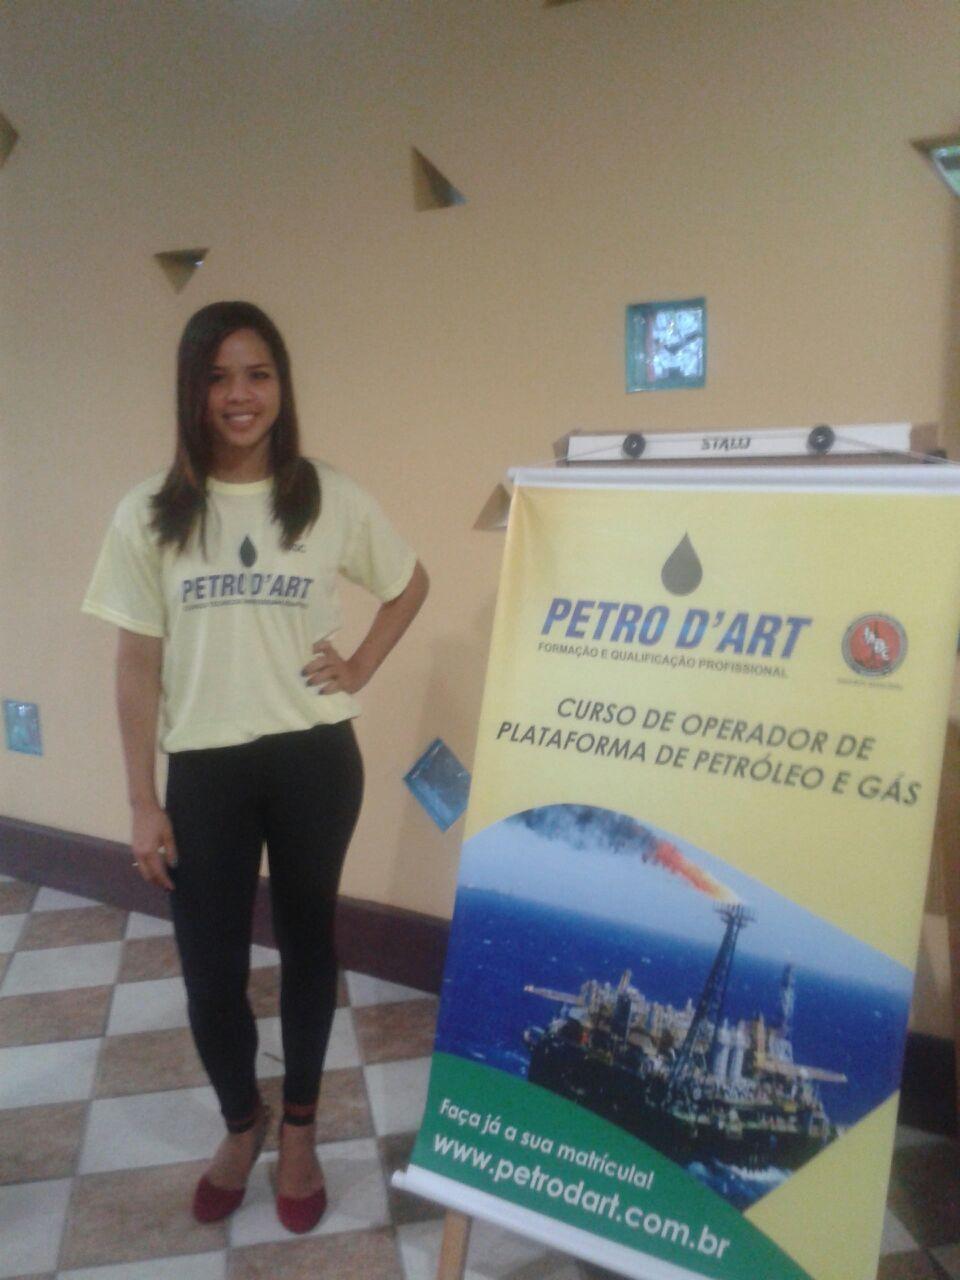 Evento Petrodart